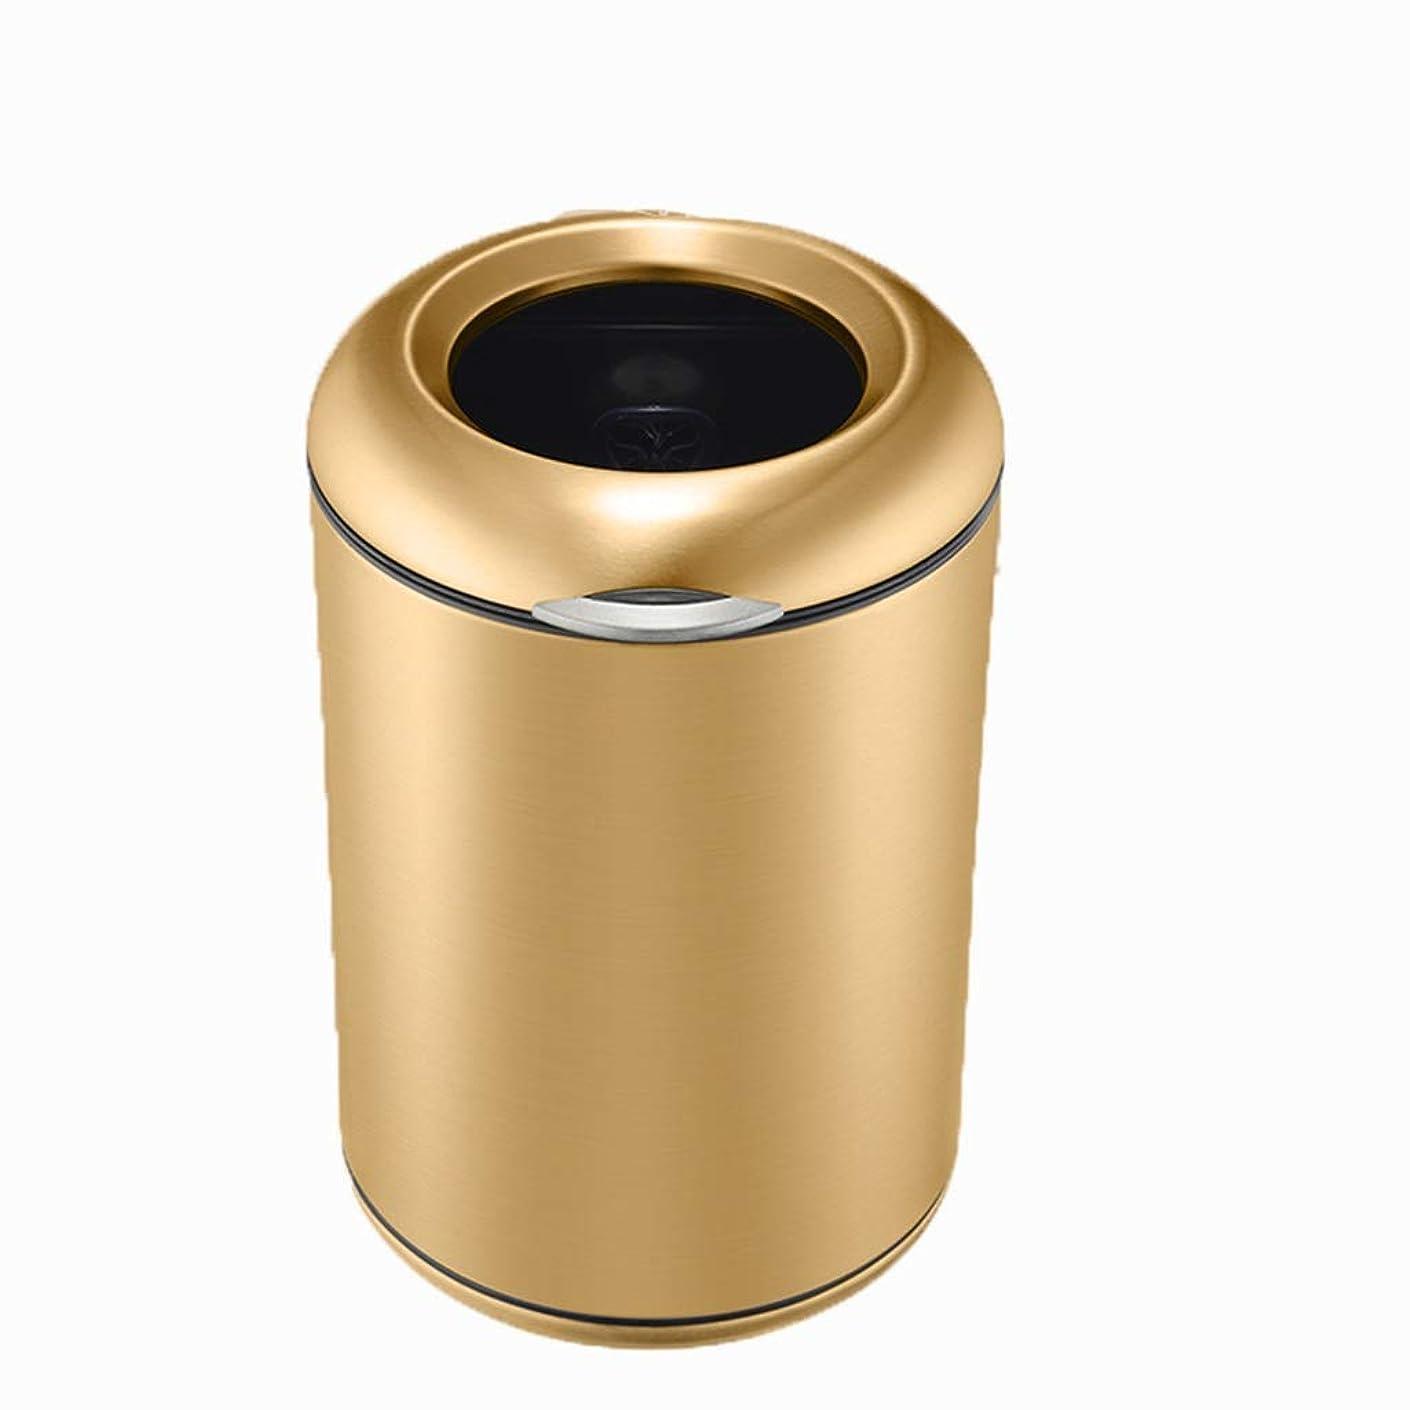 以前は不正郵便屋さんゴミ箱ステンレス鋼ゴミ箱丸型デザインなしカバー圧力リング固定ゴミ袋簡単に掃除ホームリビングルームベッドルームキッチンバスルームトイレ Gaozs (Color : Gold)